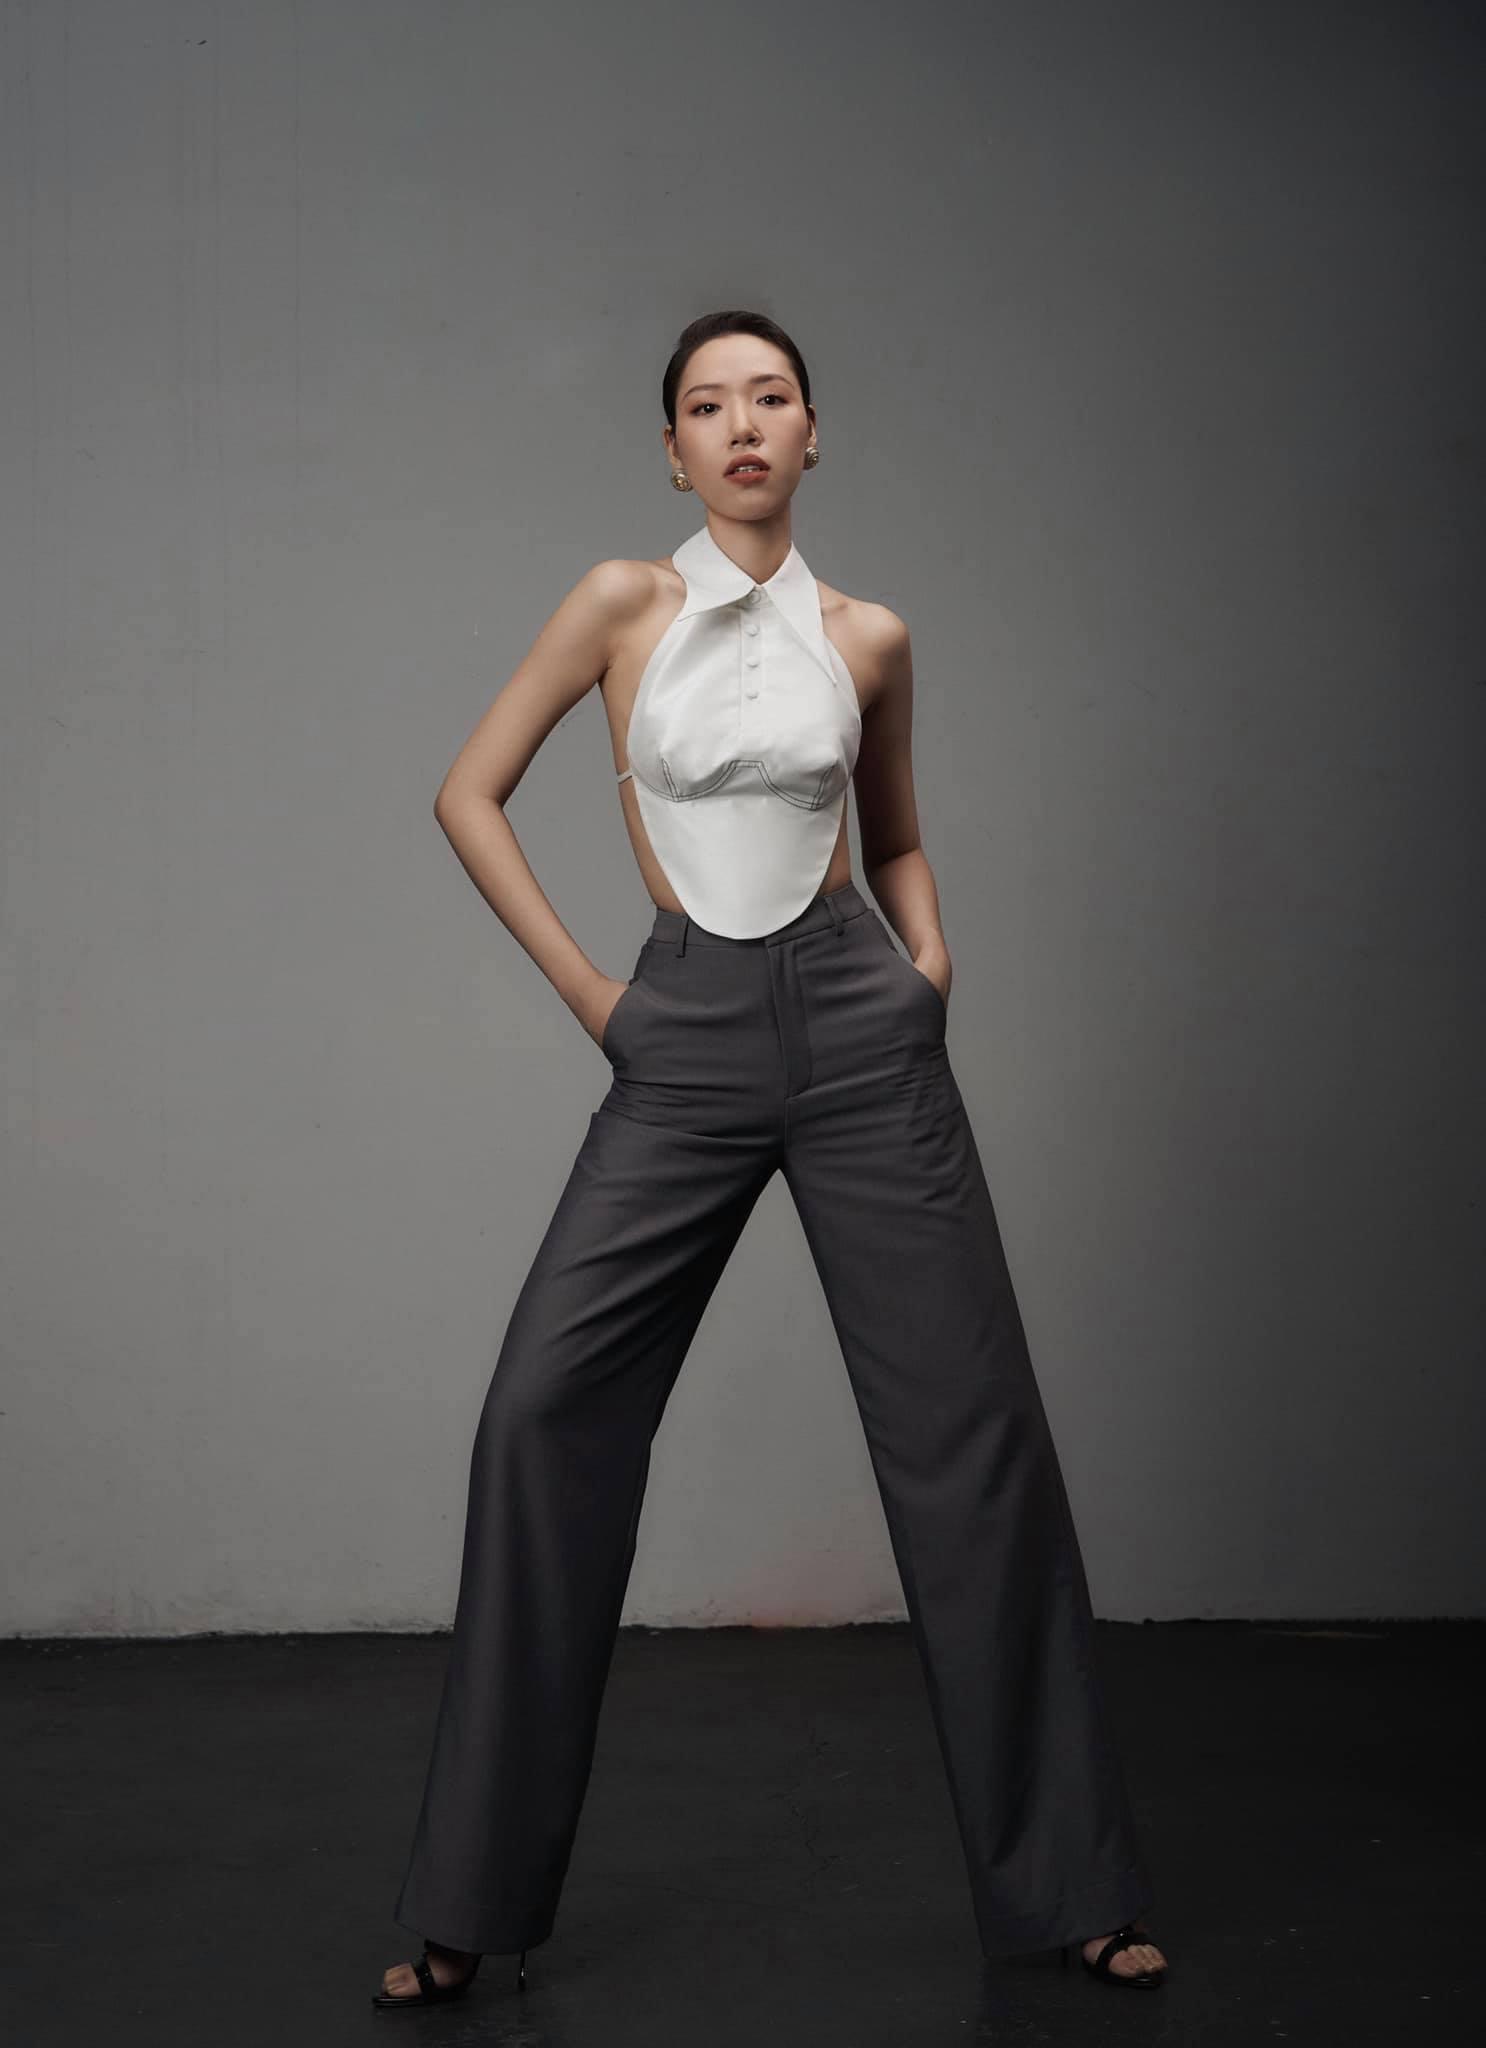 Áo yếm thiên nga của nhà thiết kế có body gợi cảm nhất làng mốt Việt - 1